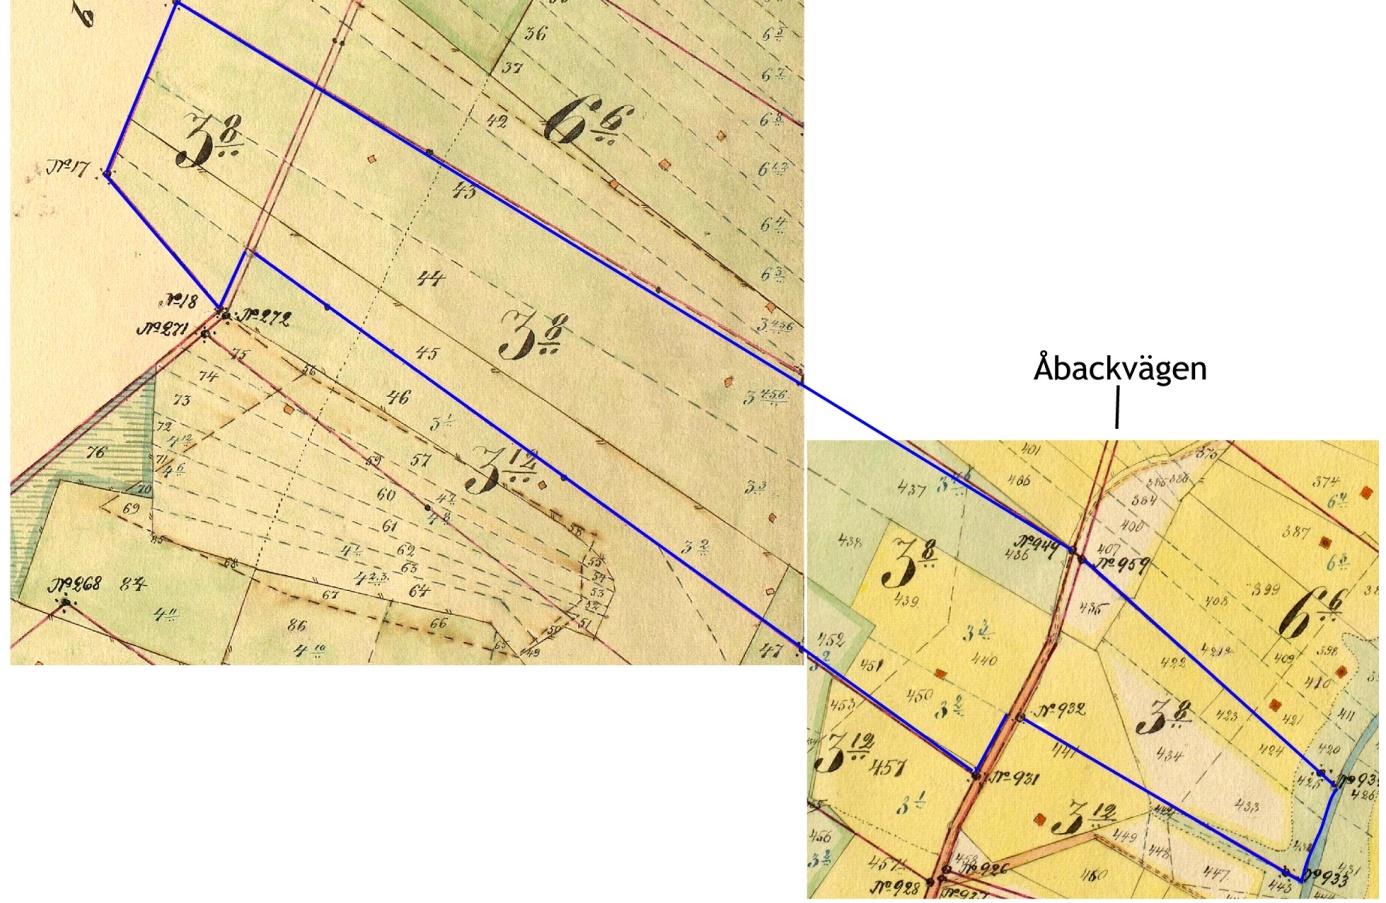 Vid storskiftet fick bröderna Valentin och Erland Rosenback hemmanet Rosenstedt 3:8 väl samlat i ett skifte, som låg mellan skogen och ån. Det delades sedan på längden, så att Valentin fick den västra delen och Erland den östra delen.